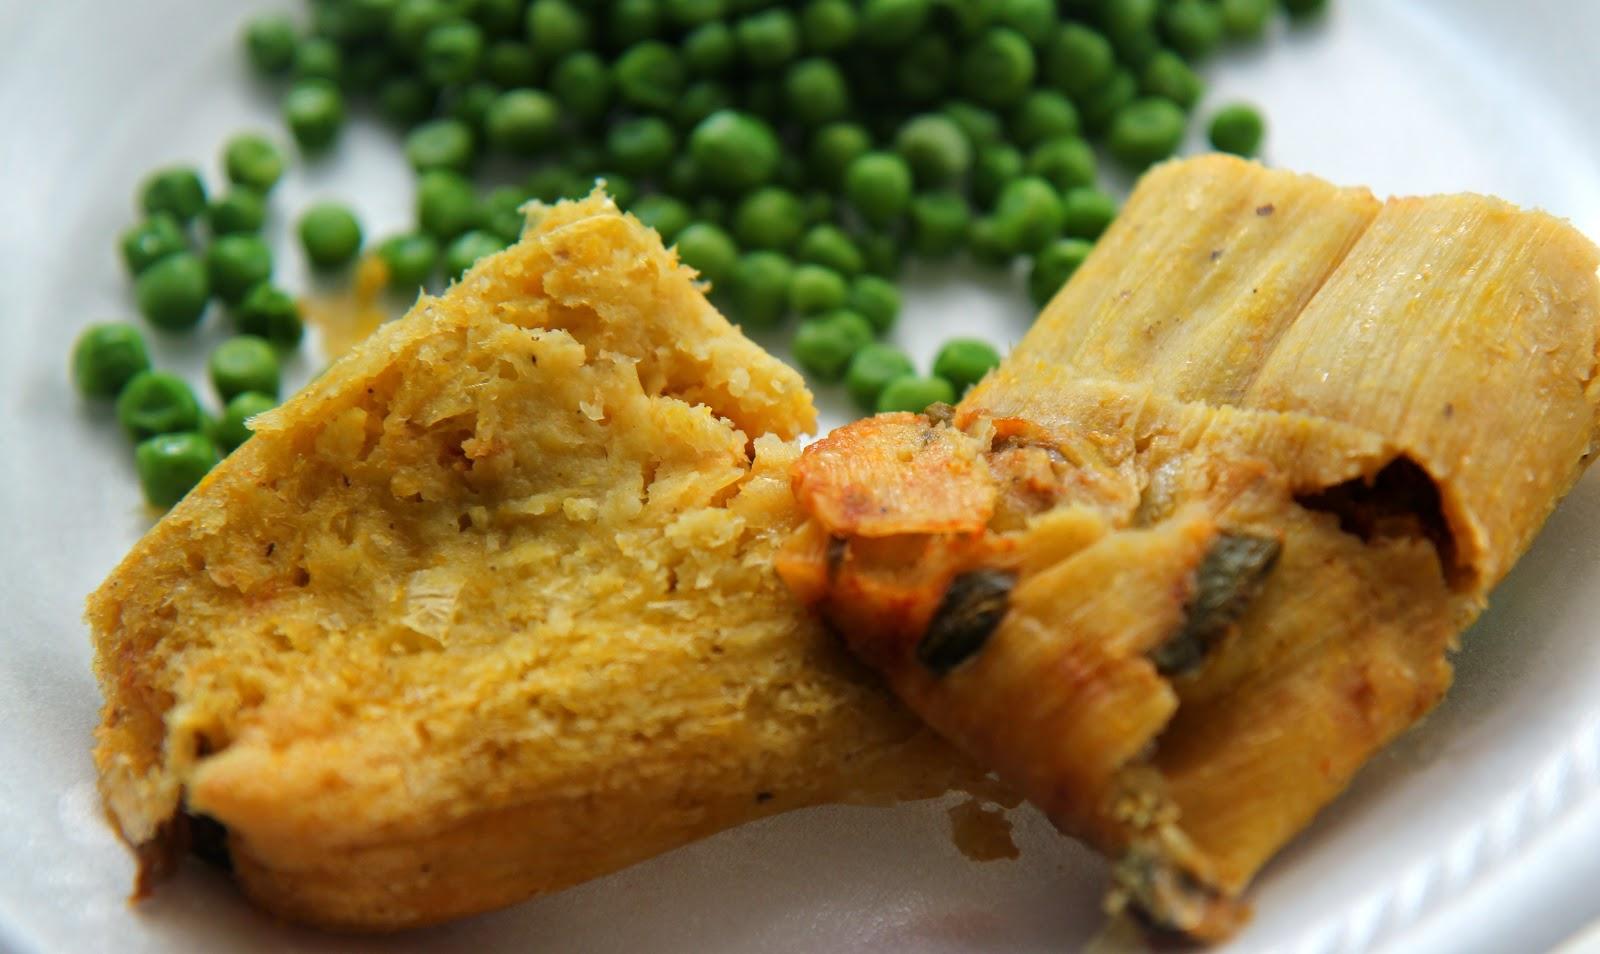 Review of CedarLane's Frozen Tamales